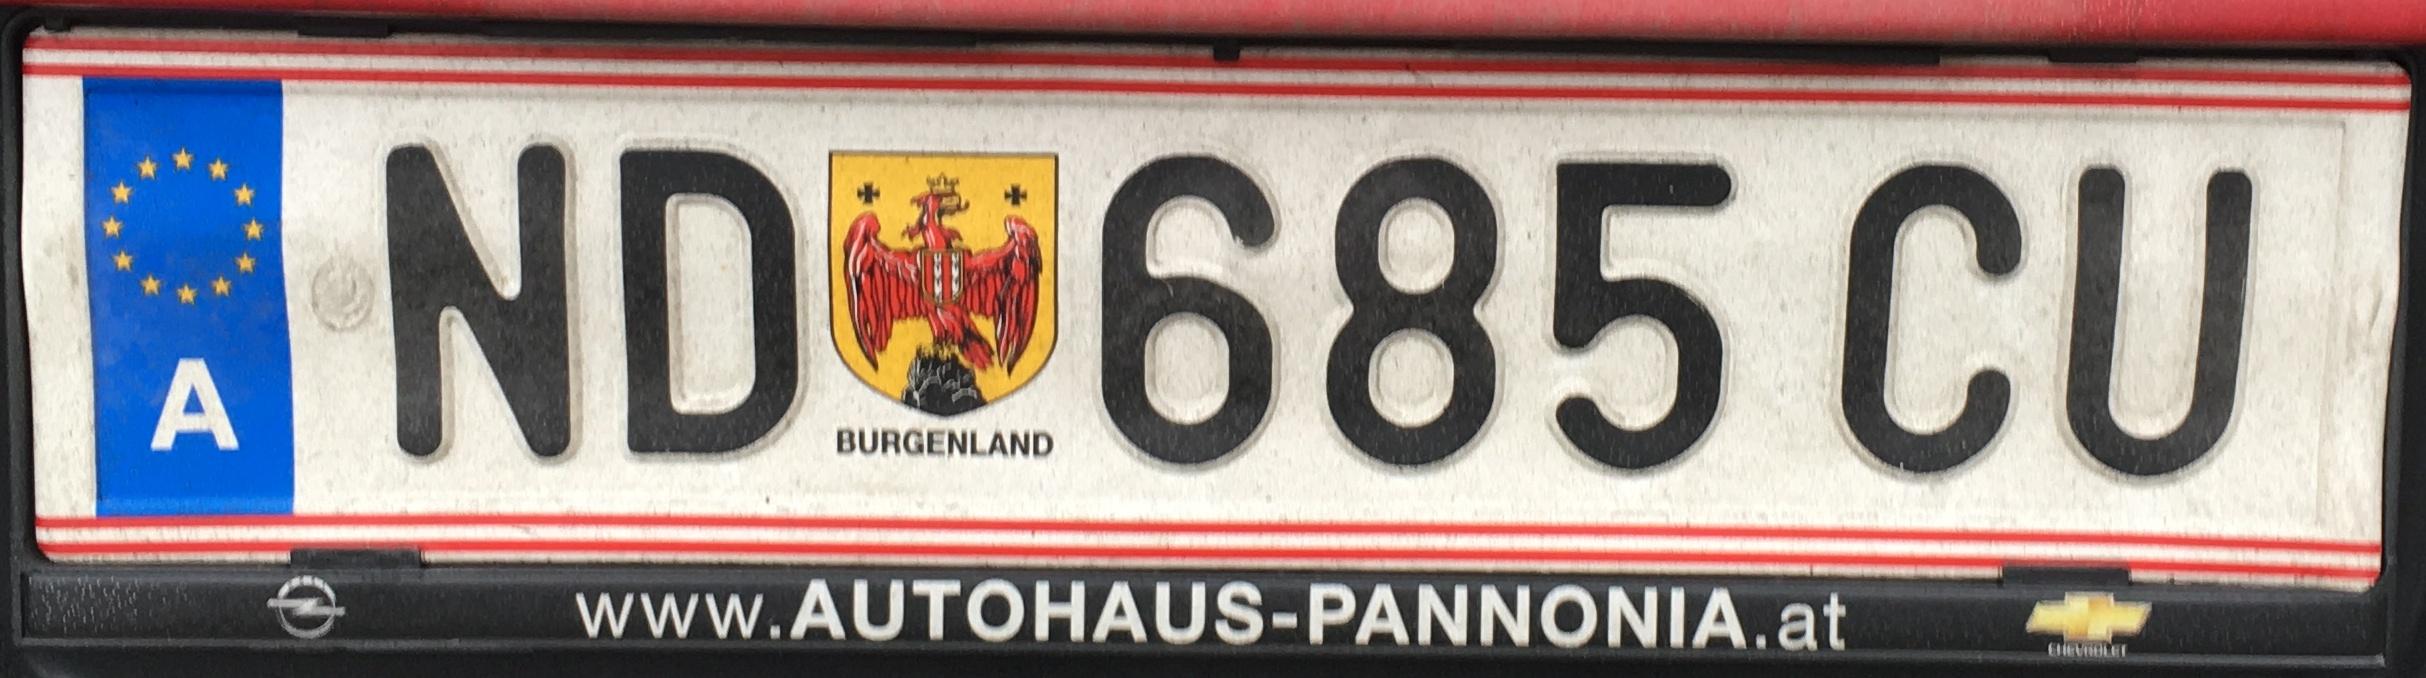 Registrační značka Rakousko - ND - Neusiedl am See, foto: www.podalnici.cz